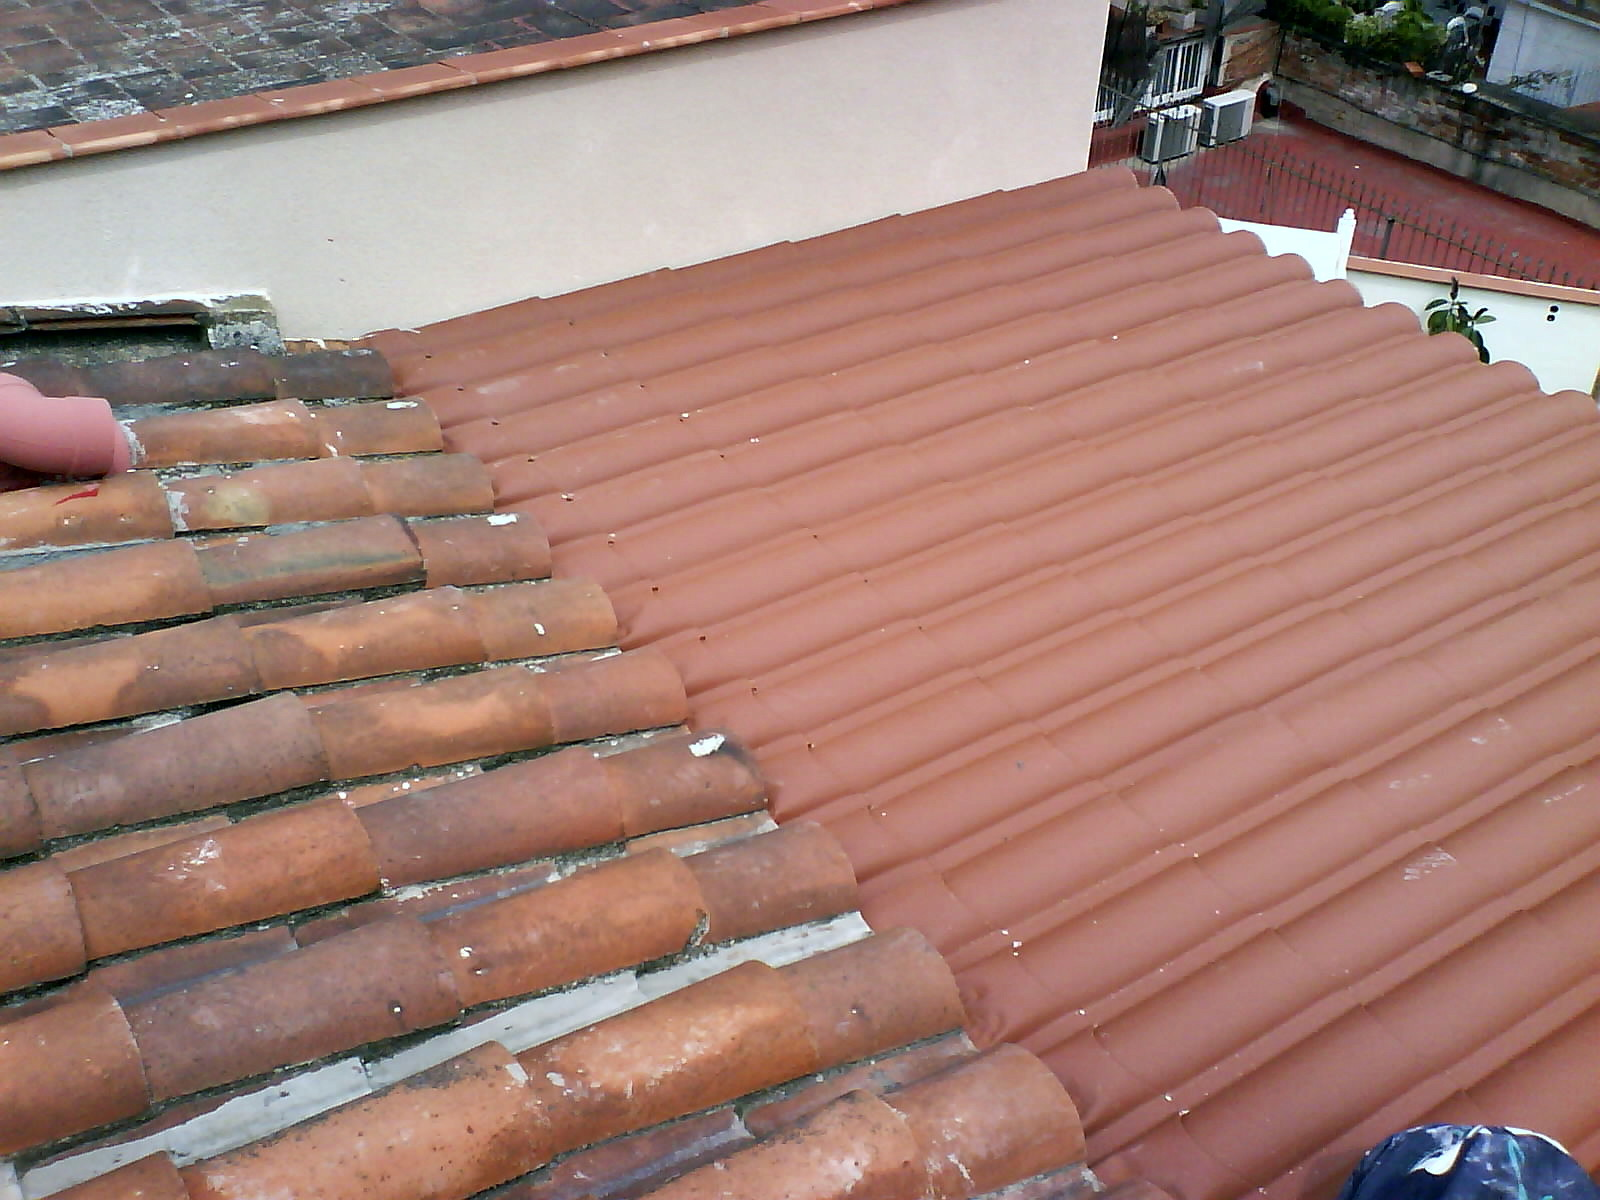 Fabricaci n venta e instalaci n de techos y tejados en for Tejados de madera y teja